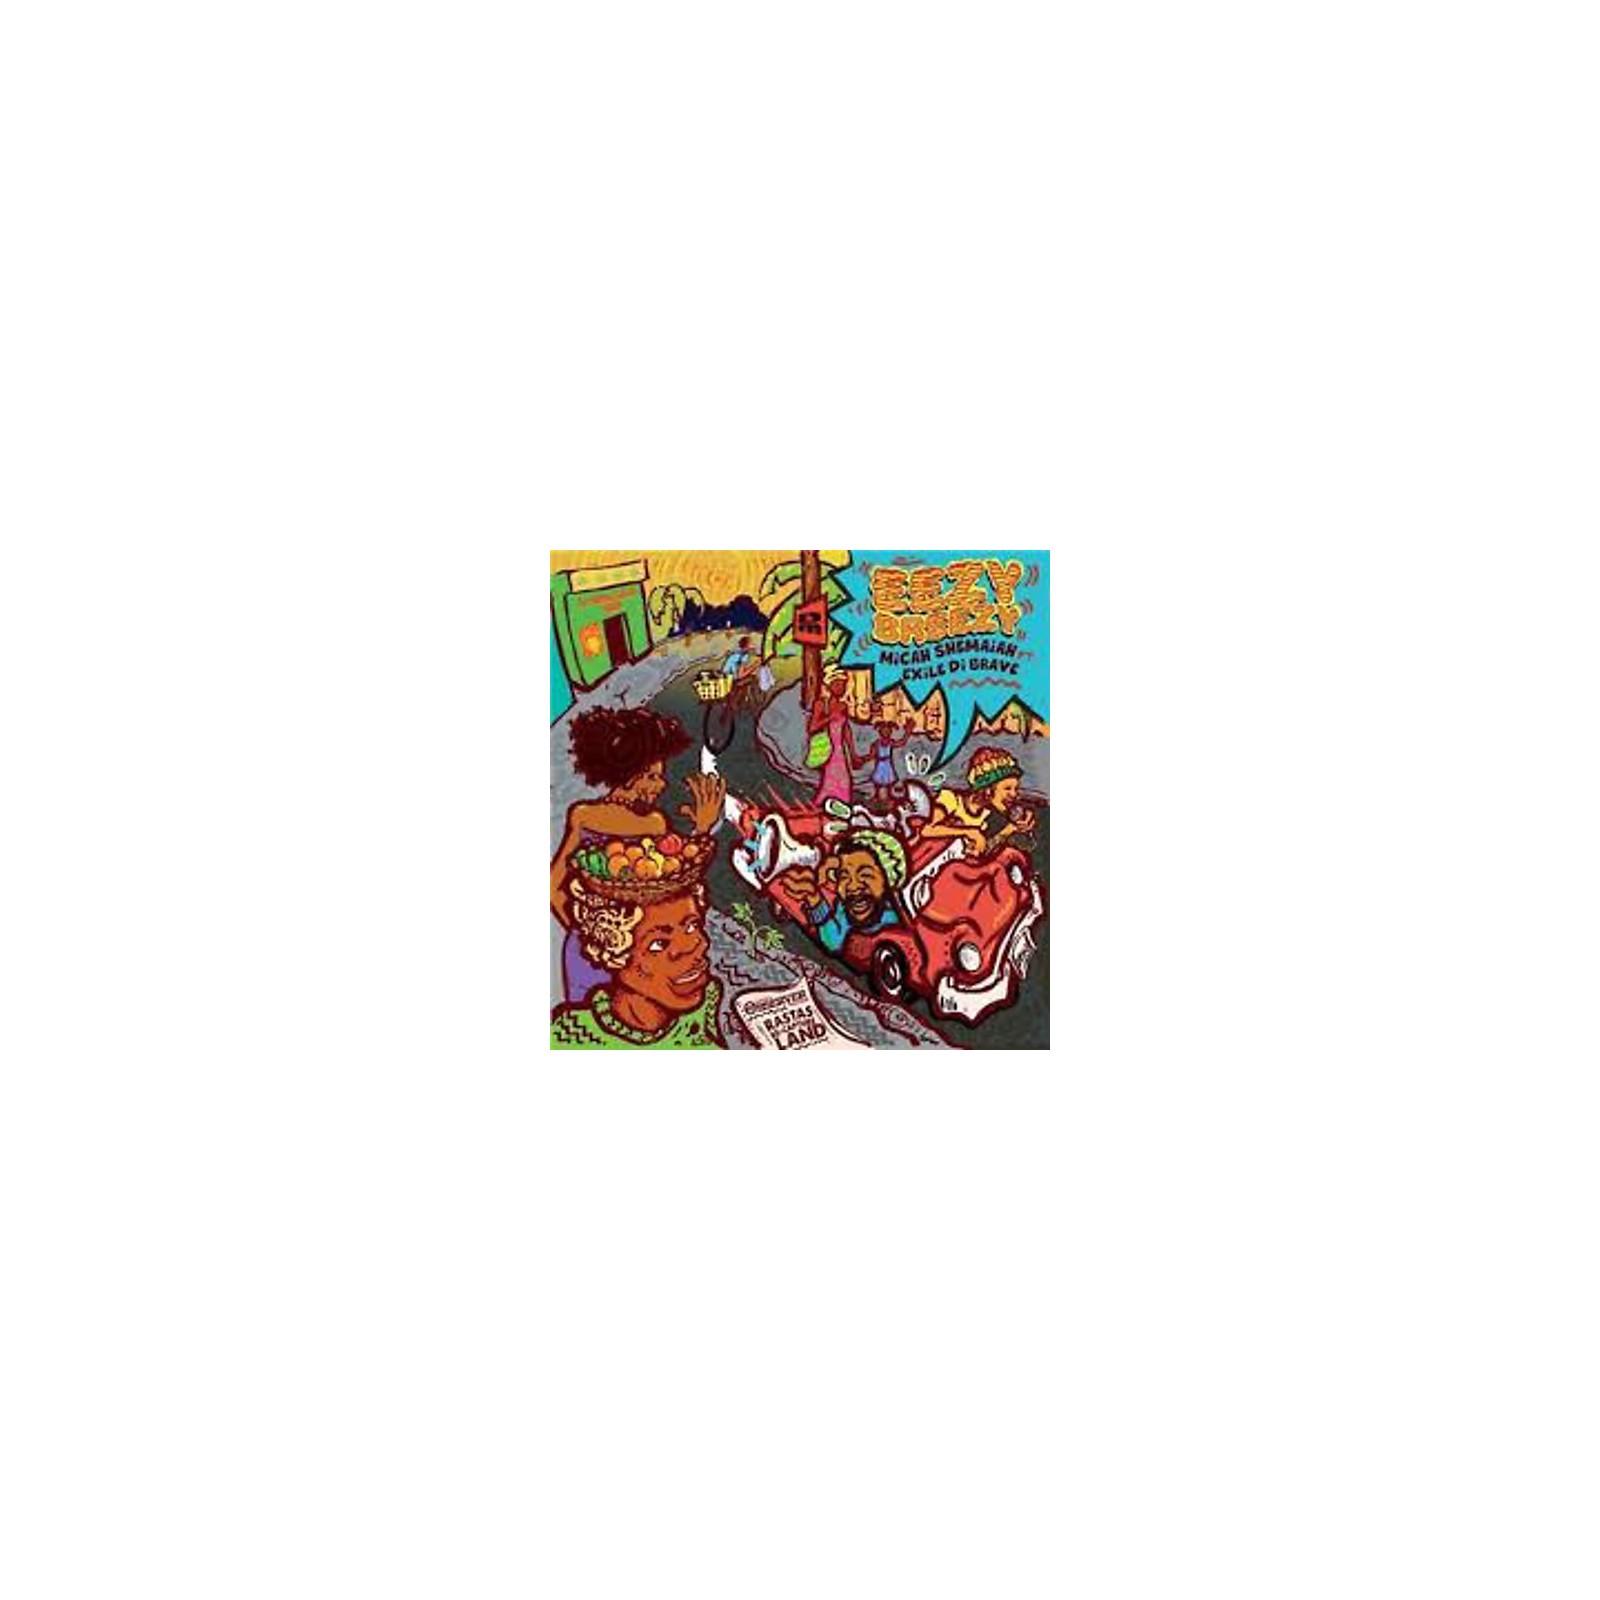 Alliance Micah Shemaiah - Eezy Beezy Feat Exile de Brave